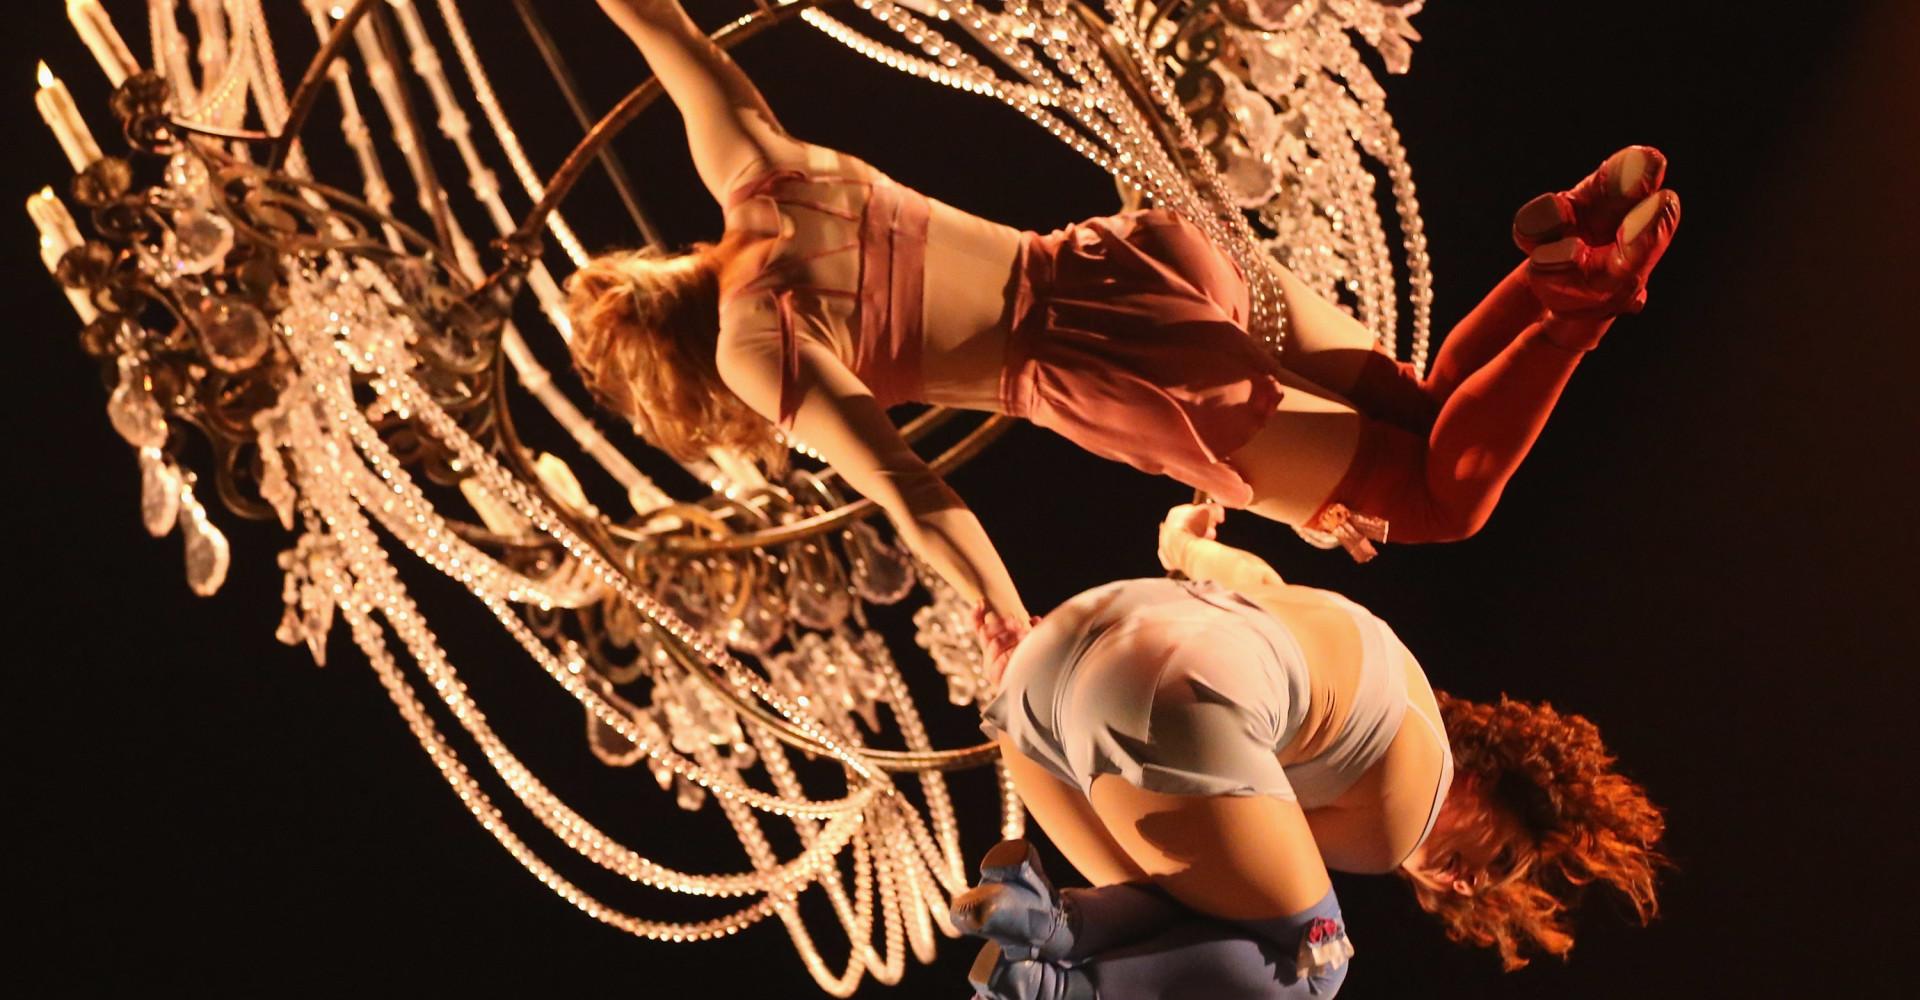 Drame au Cirque du Soleil: Yann Arnaud était marié et avait deux petites filles